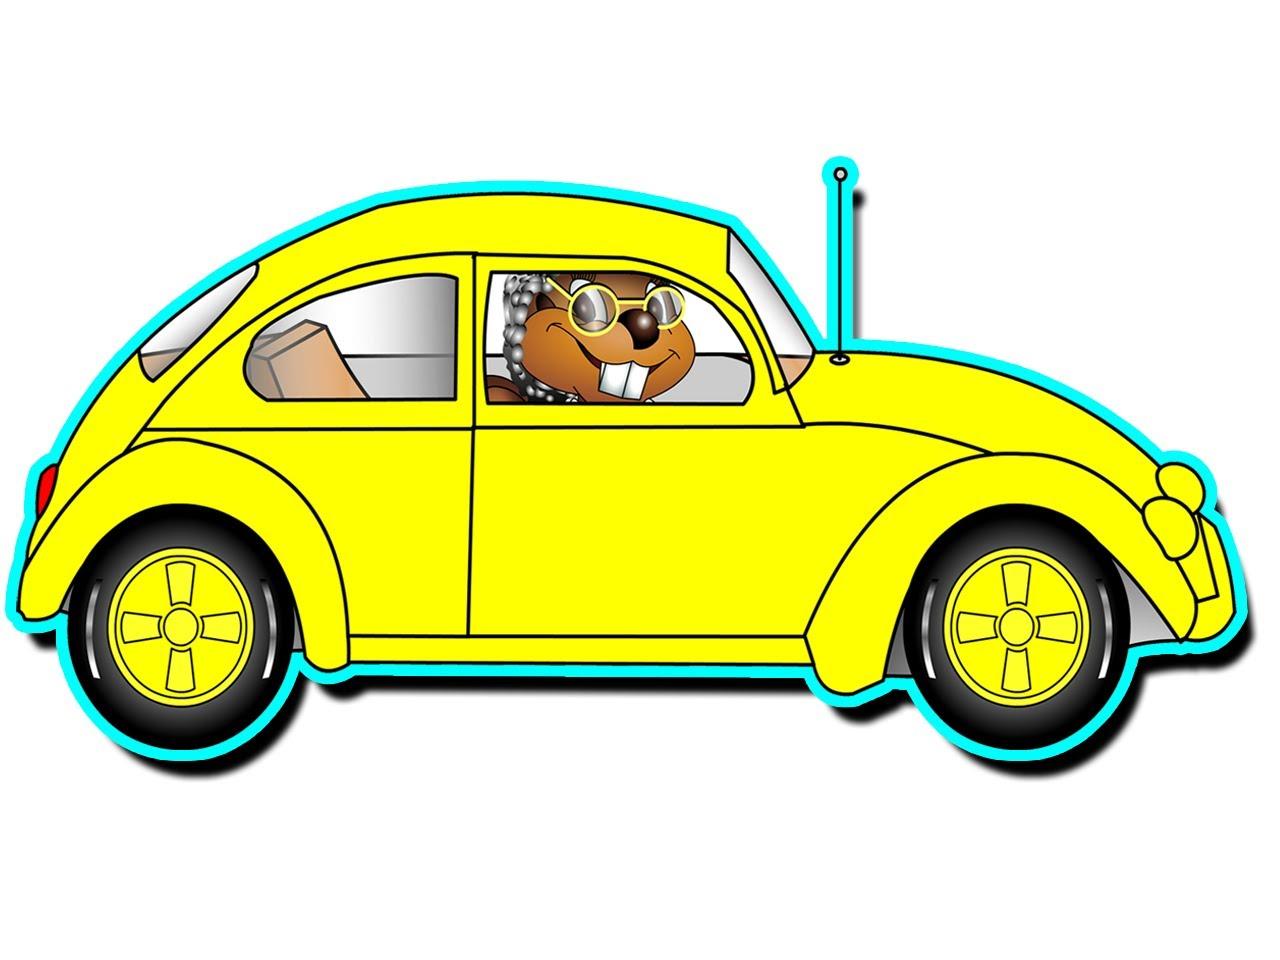 Grandma's Got a Little Yellow Car